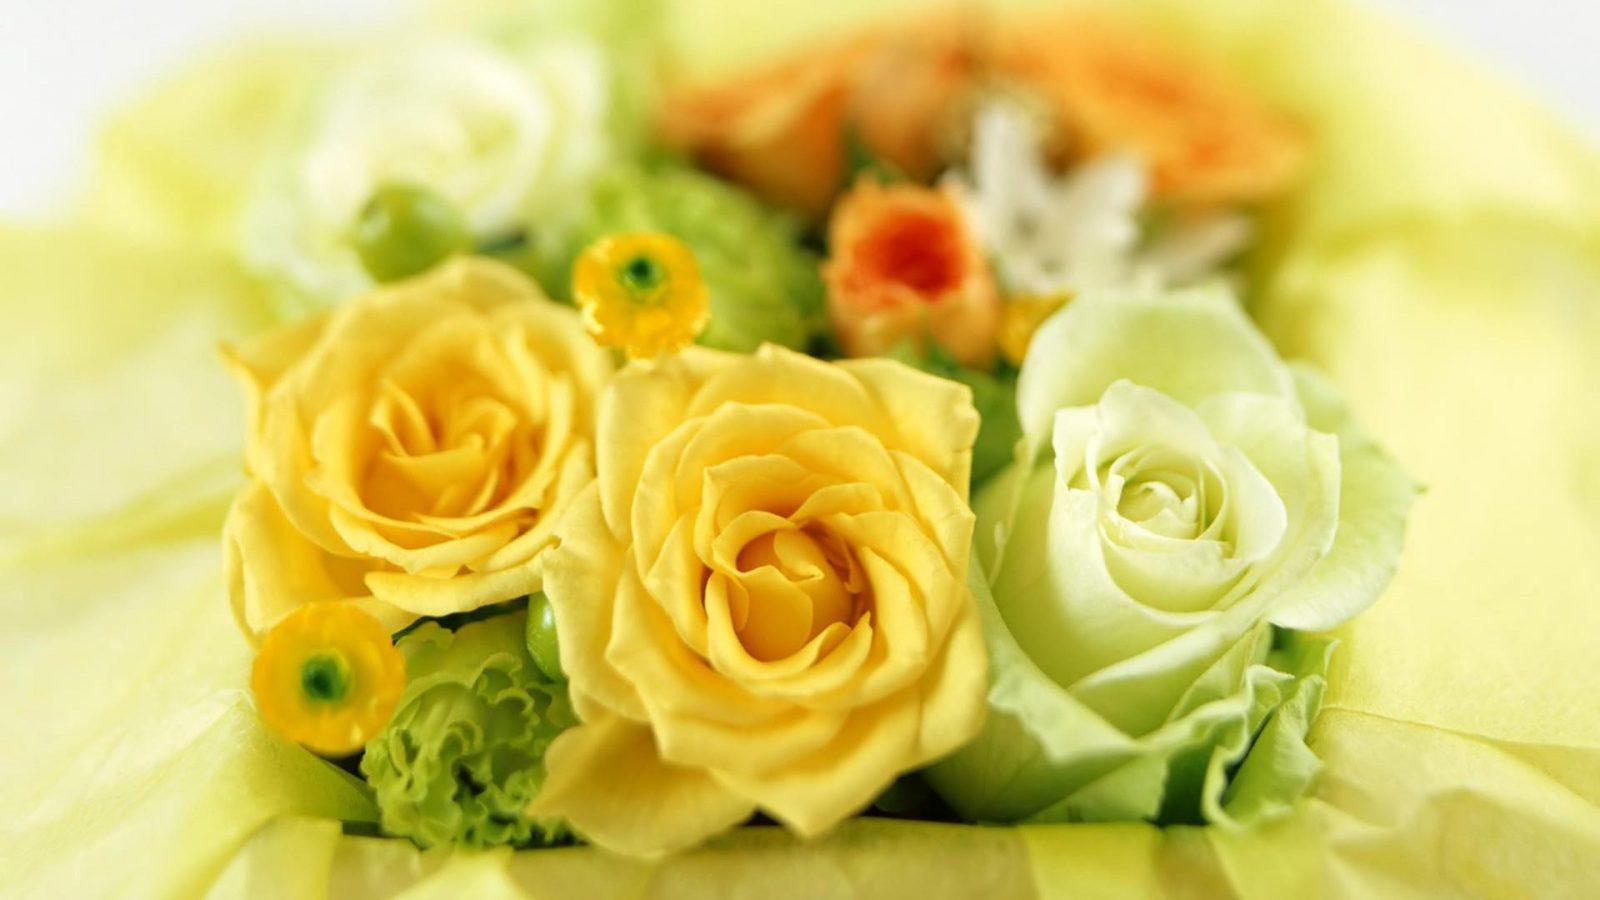 Rosas amarillas y blancas :: Imágenes y fotos